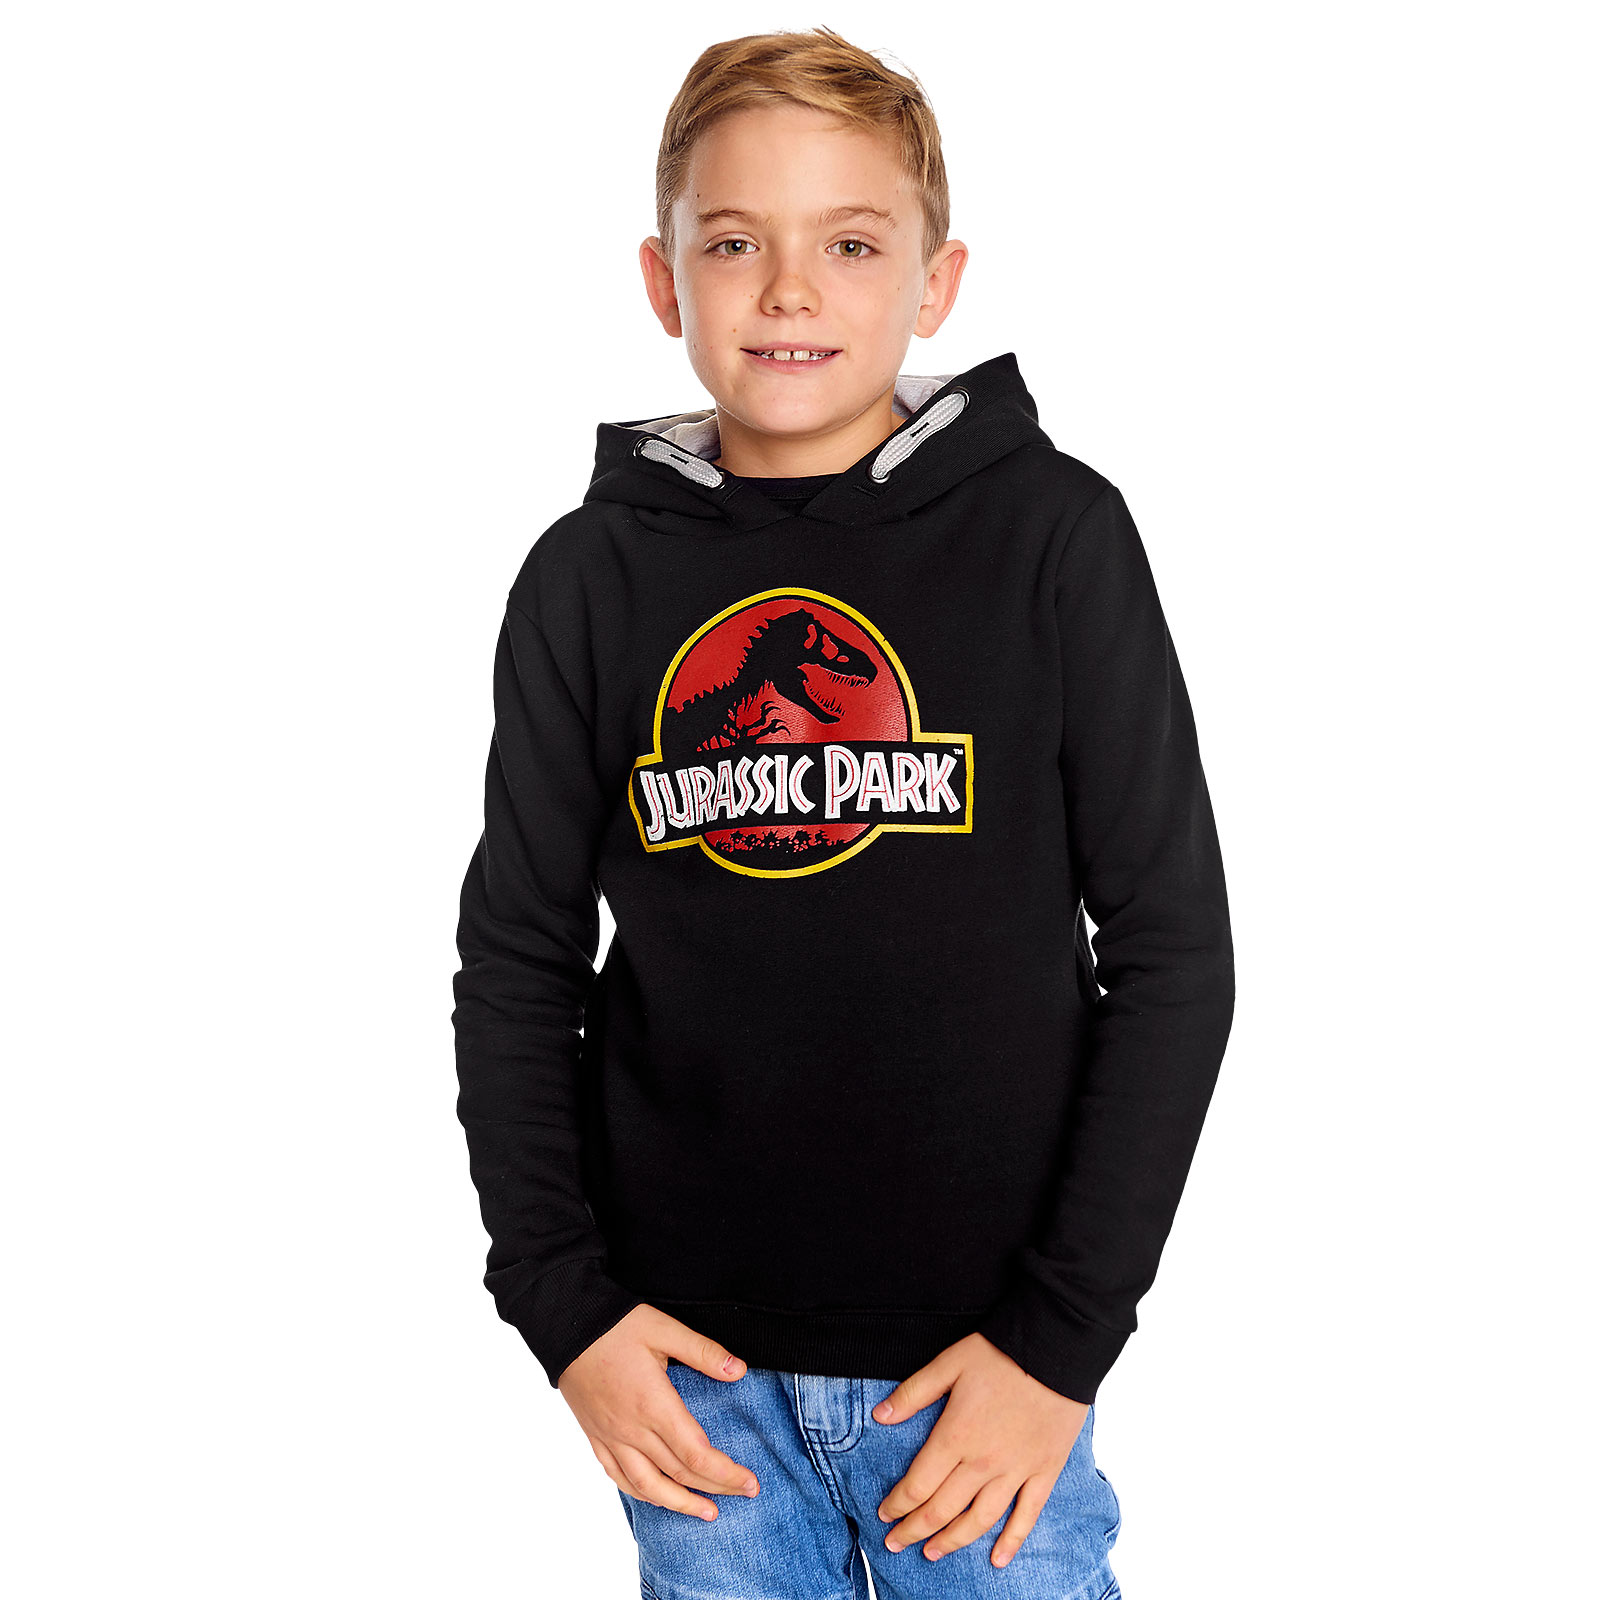 Jurassic Park - Movie Logo Kinder Hoodie schwarz